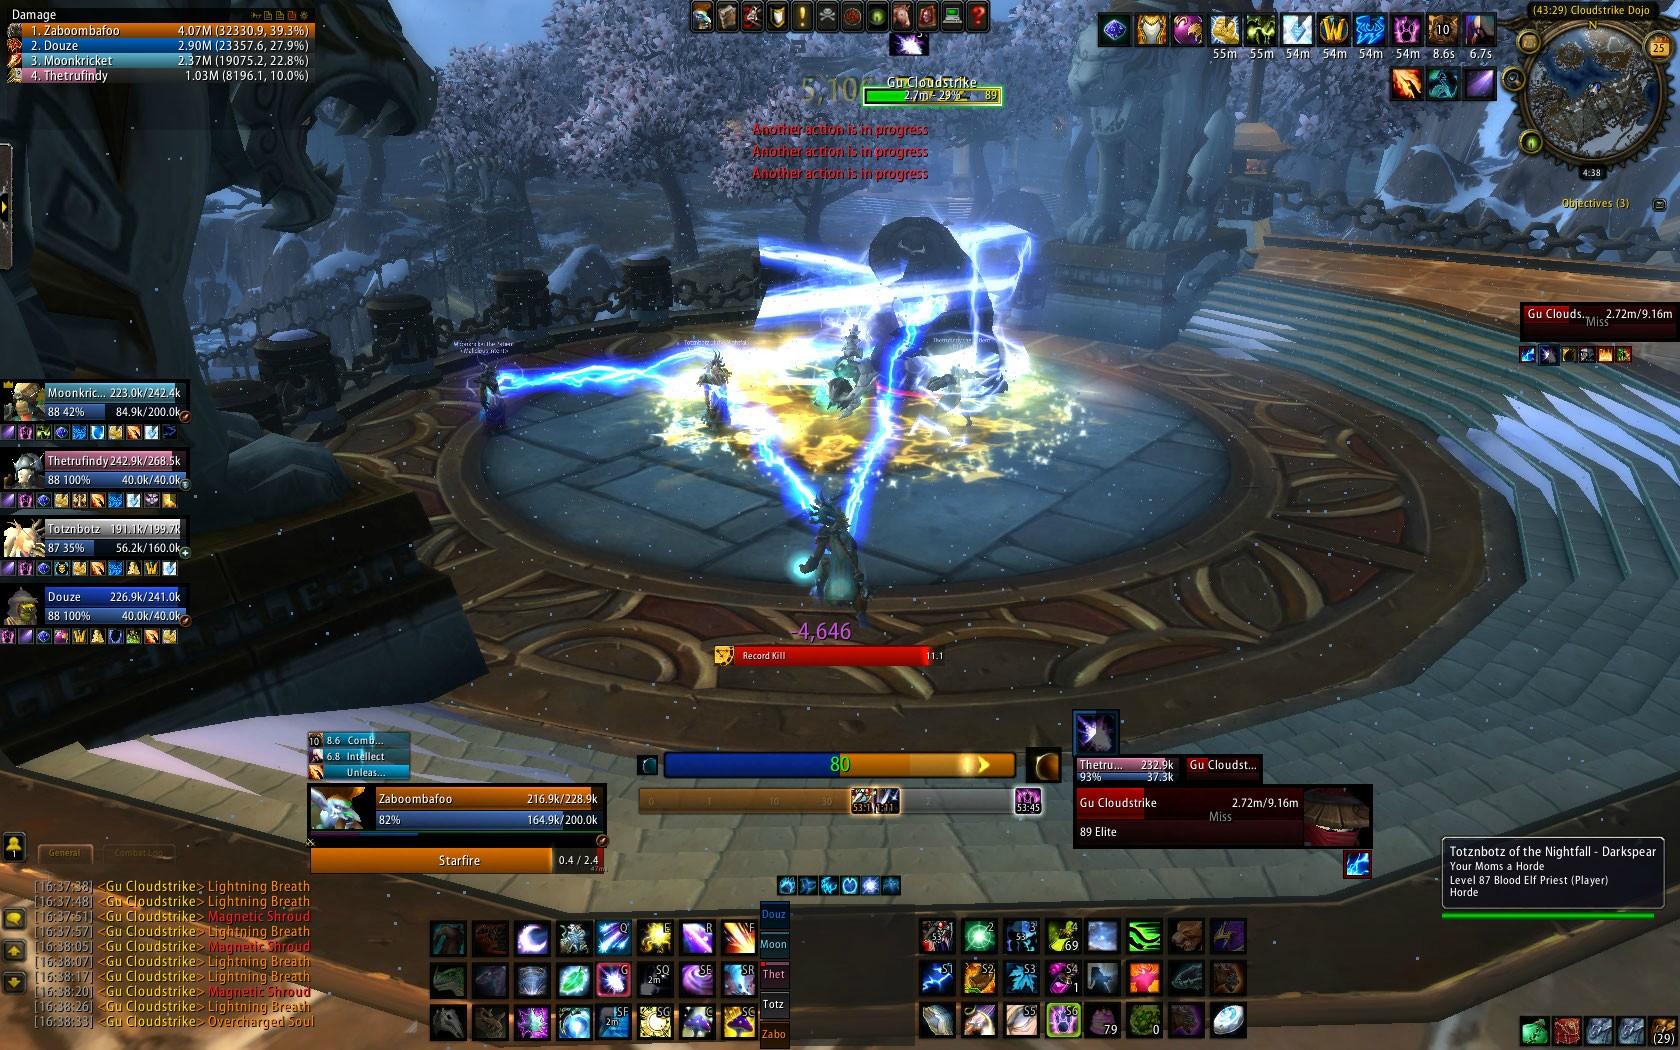 World Of Warcraft interface